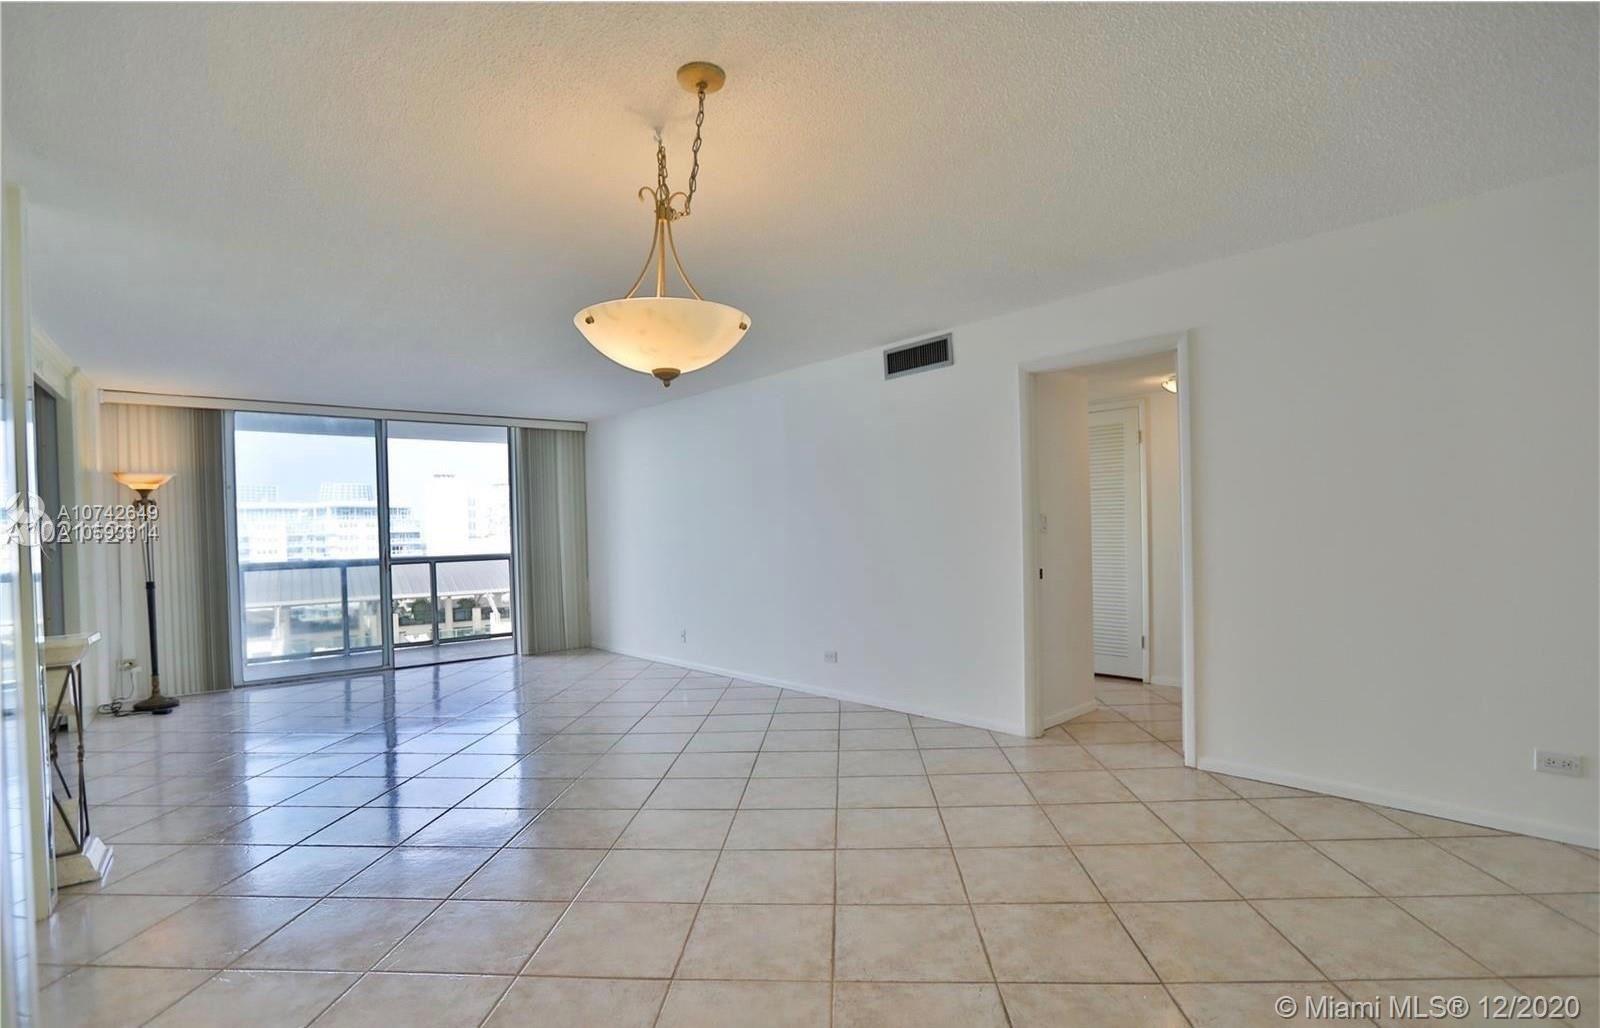 6039 Collins Ave #1034, Miami Beach, FL 33140 - #: A10742649